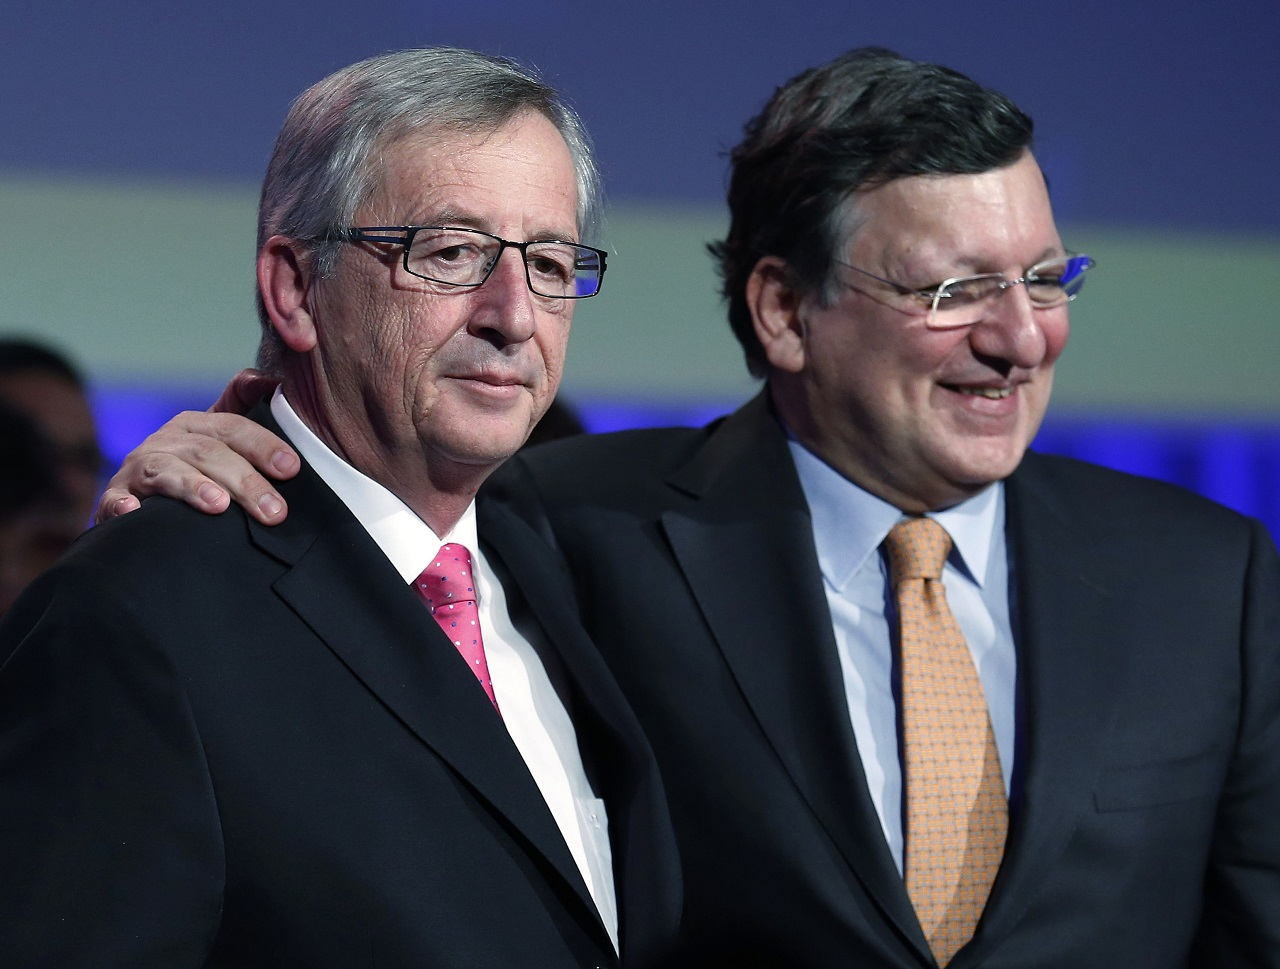 Scandale Barroso